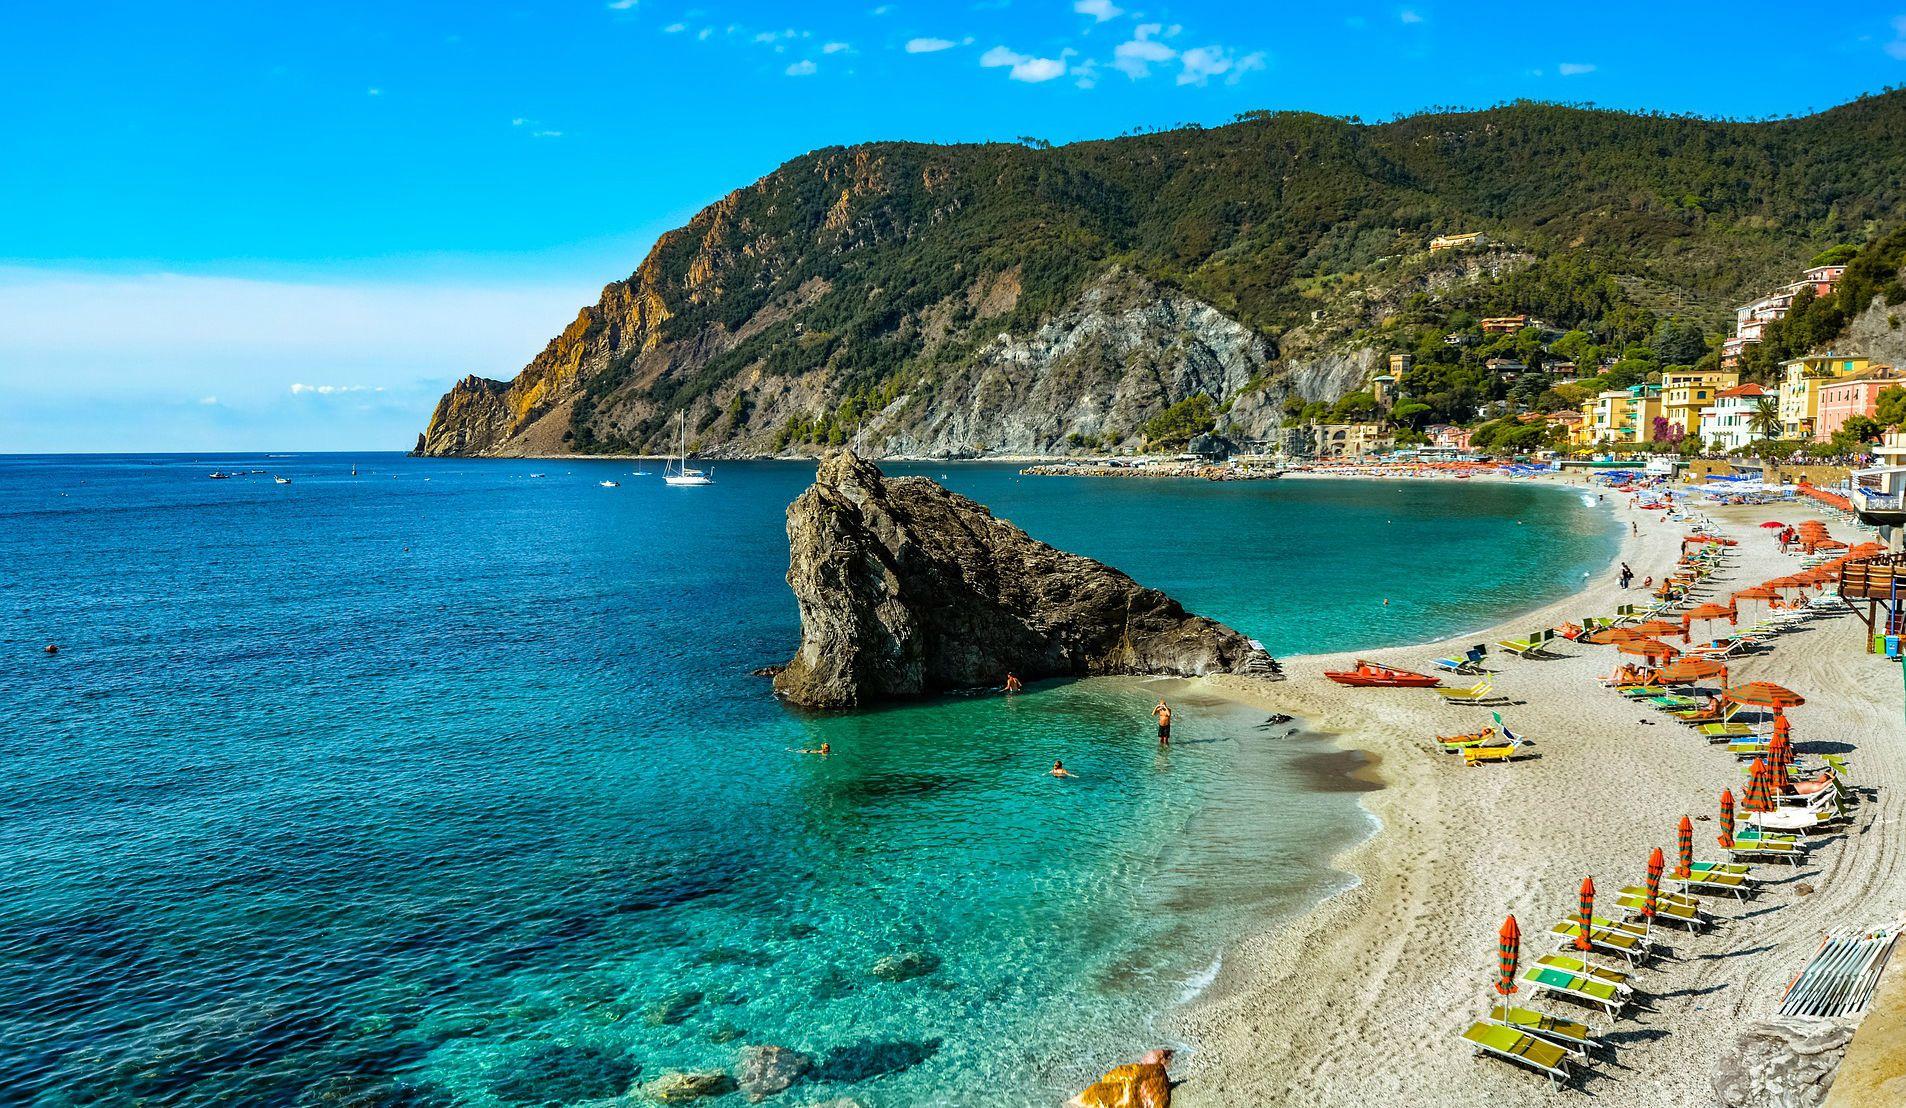 Національий парк Чинкве-Терре, Італія, Лігурійське море